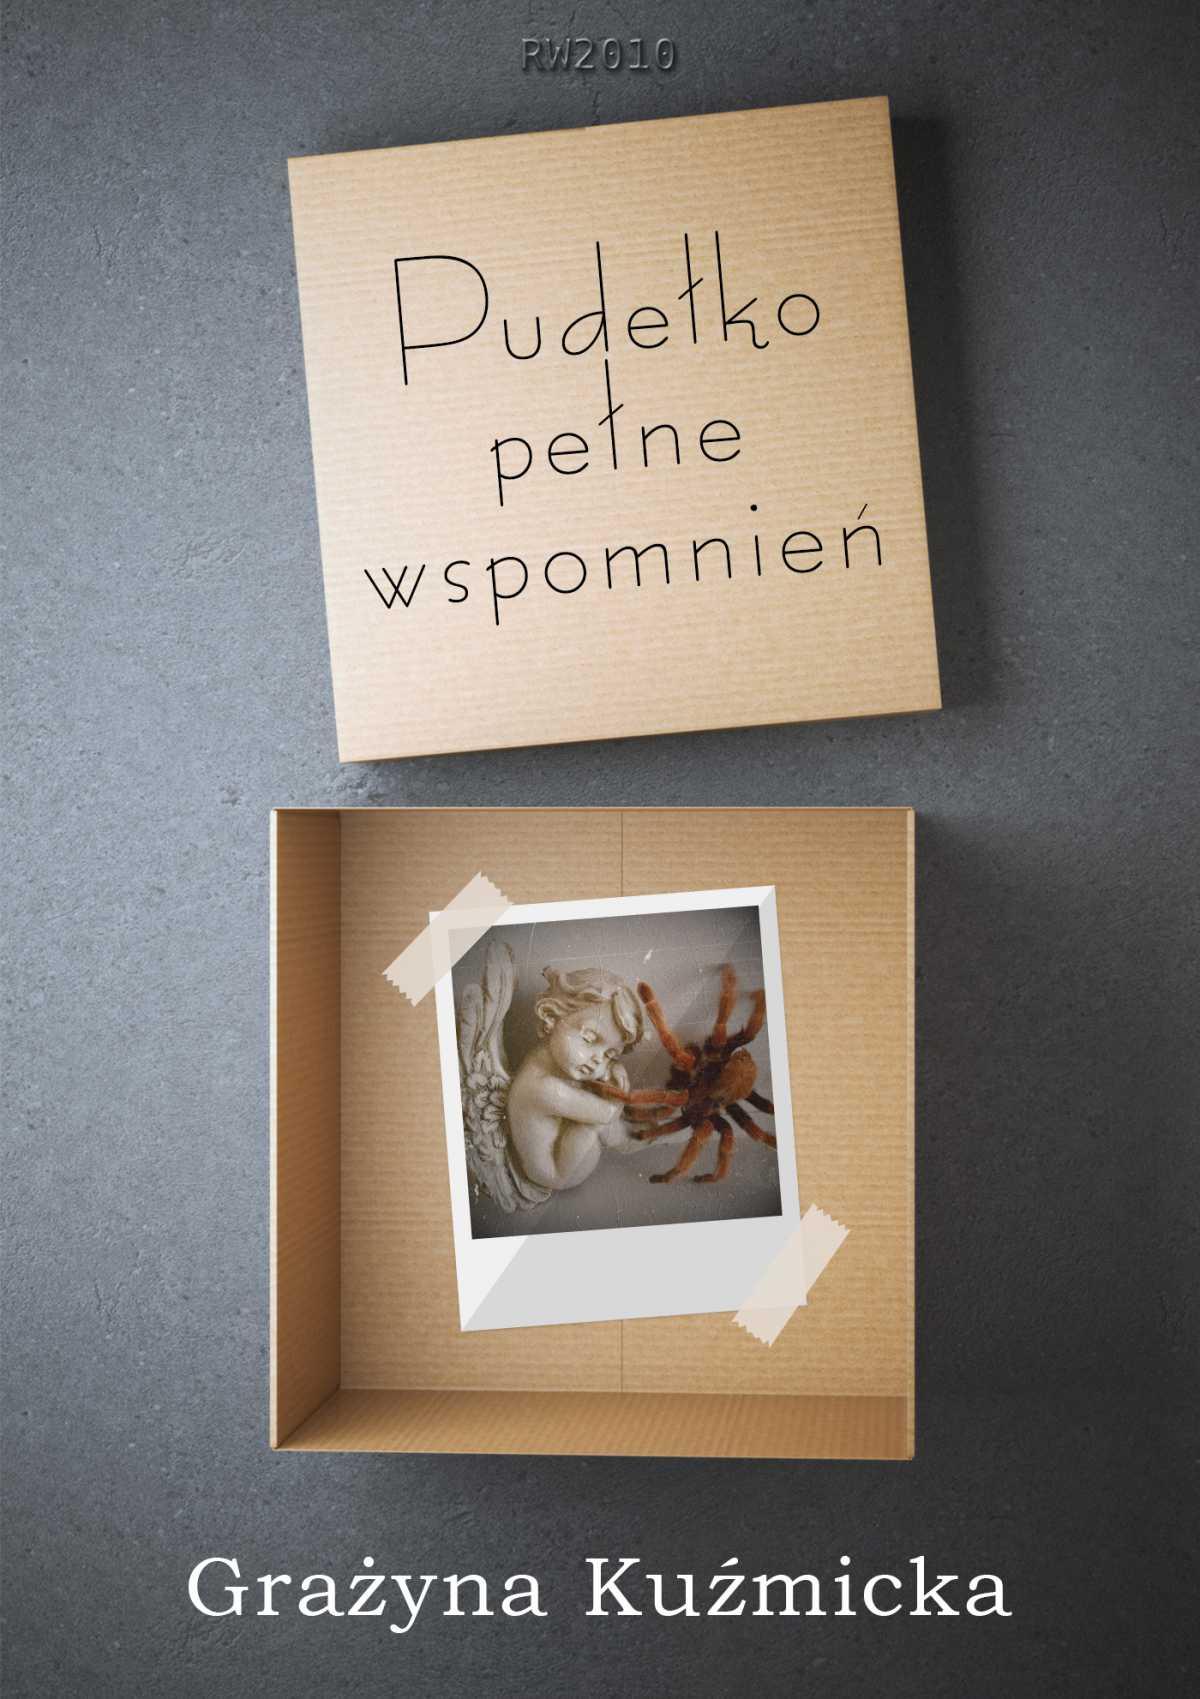 Pudełko pełne wspomnień - Ebook (Książka EPUB) do pobrania w formacie EPUB